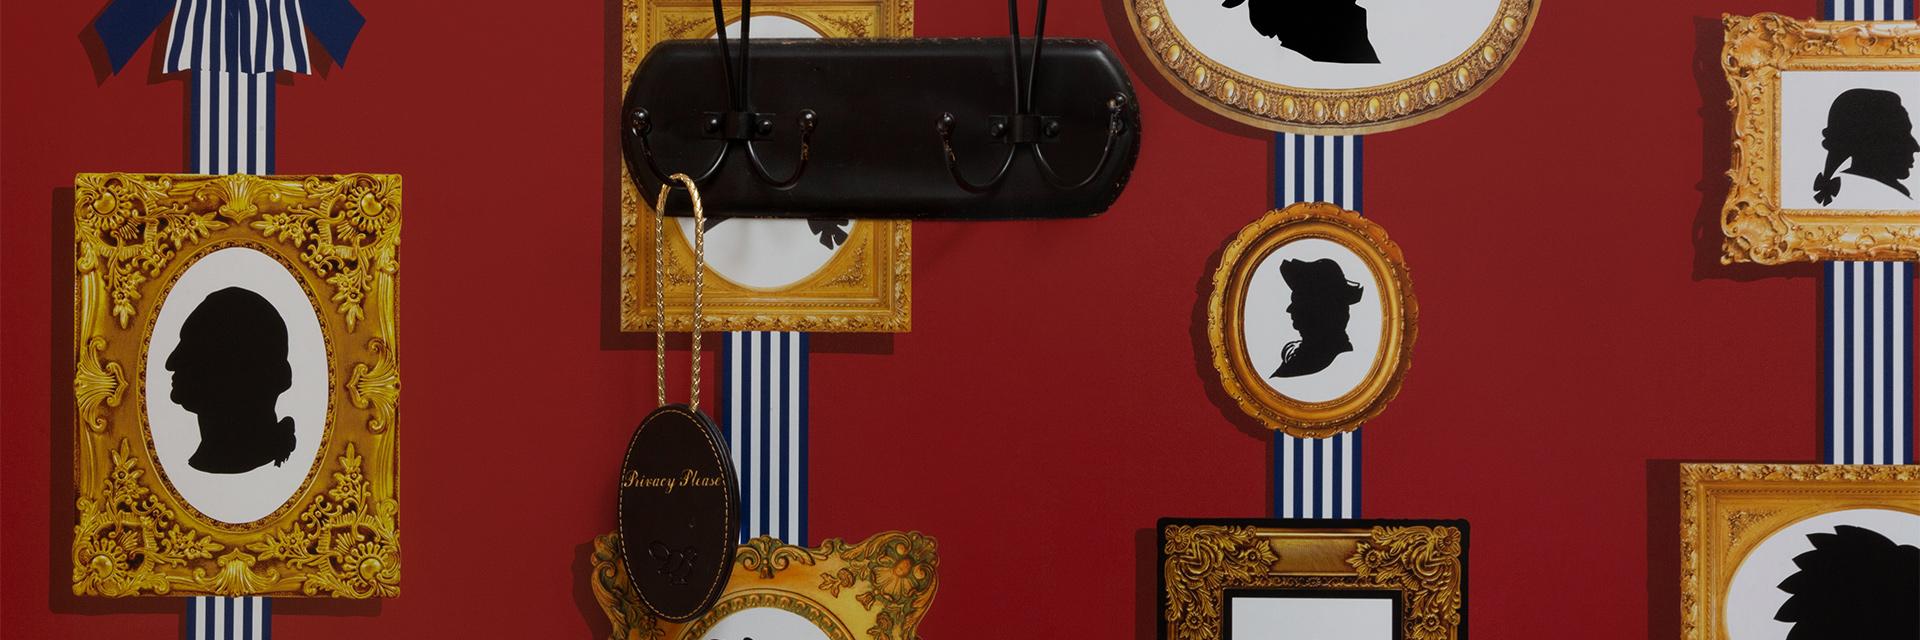 silhouettes of presidents inside golden frames